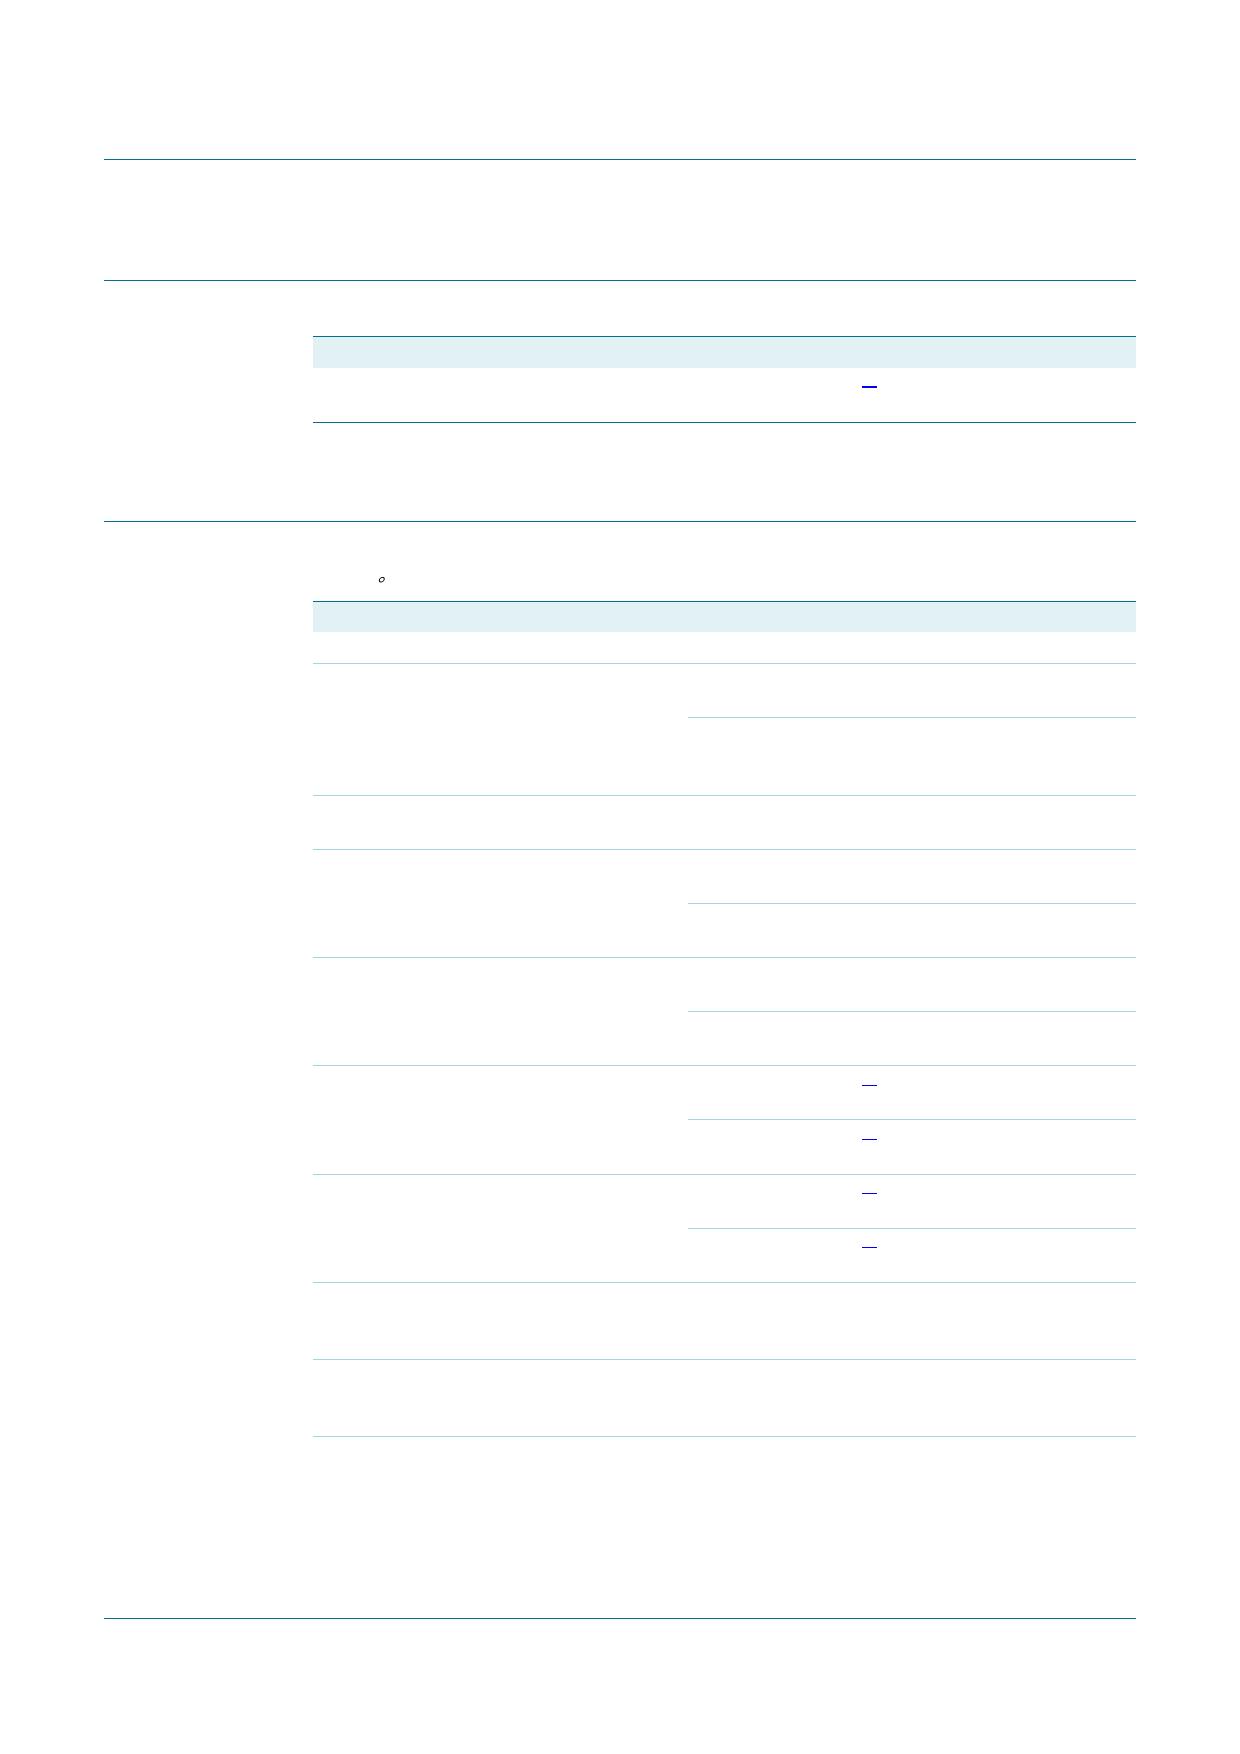 BCV61A pdf, ピン配列